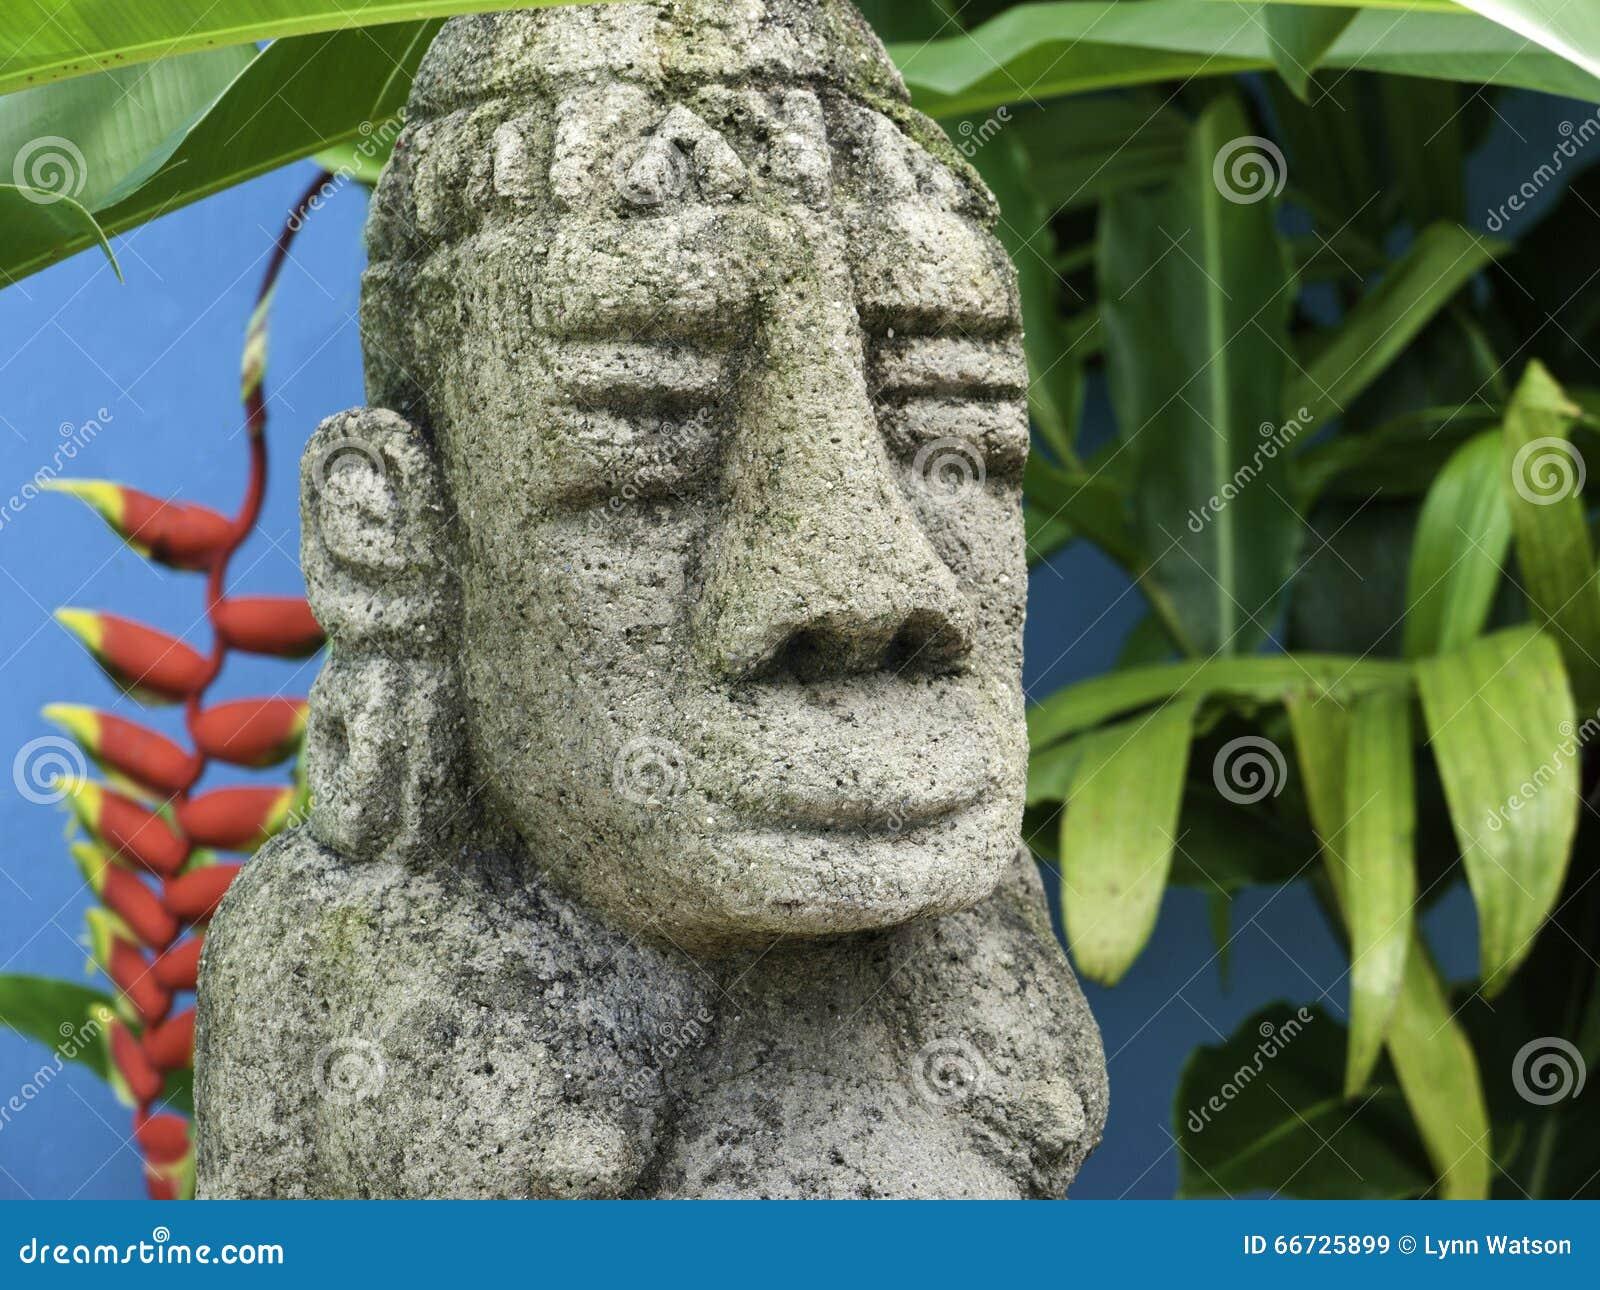 Costa Rica Mayan Sculpture